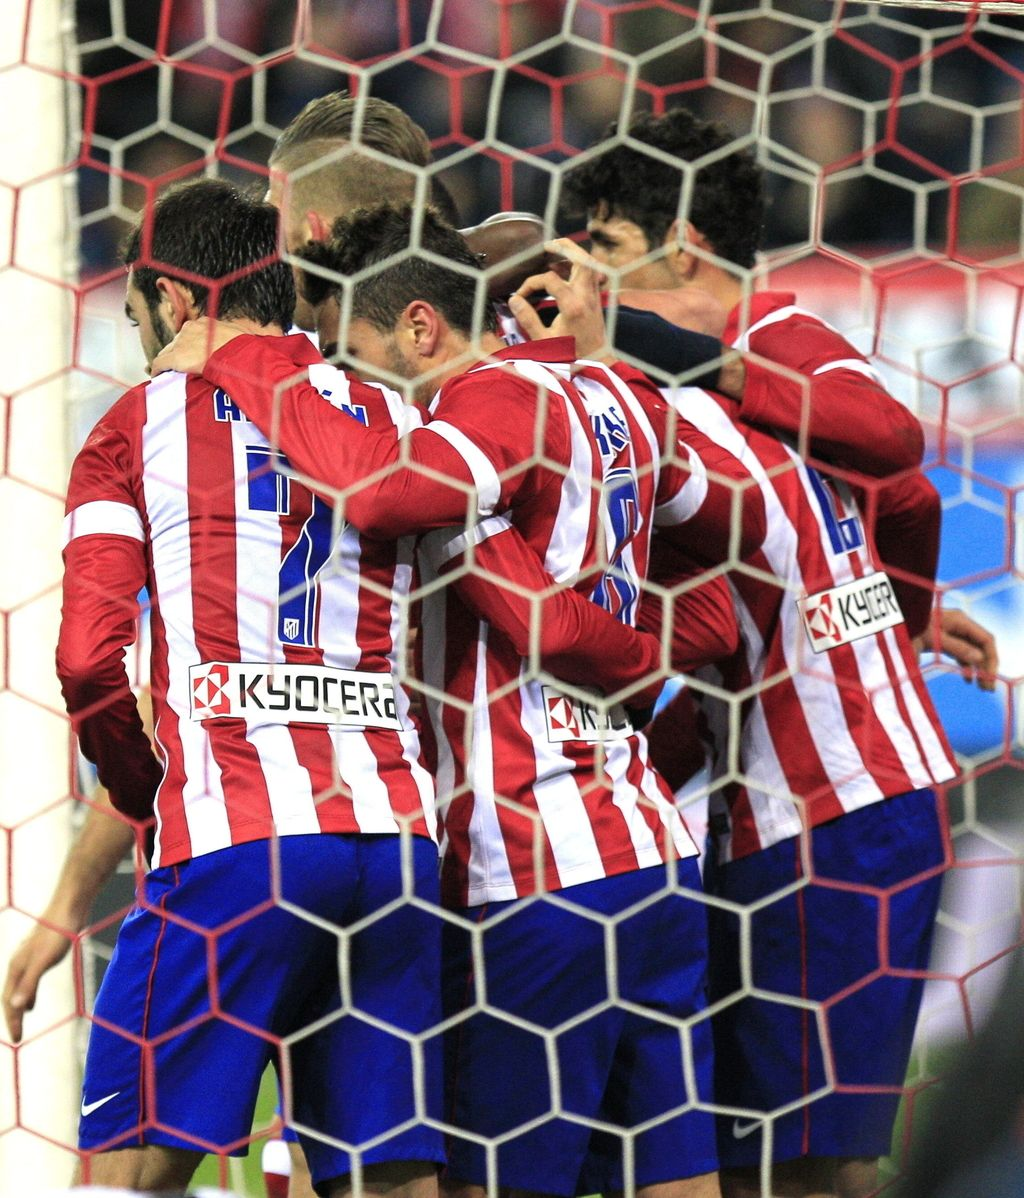 Los jugadores del Atlético de Madrid celebran el gol marcado por su compañero el uruguayo Diego Roberto Godín